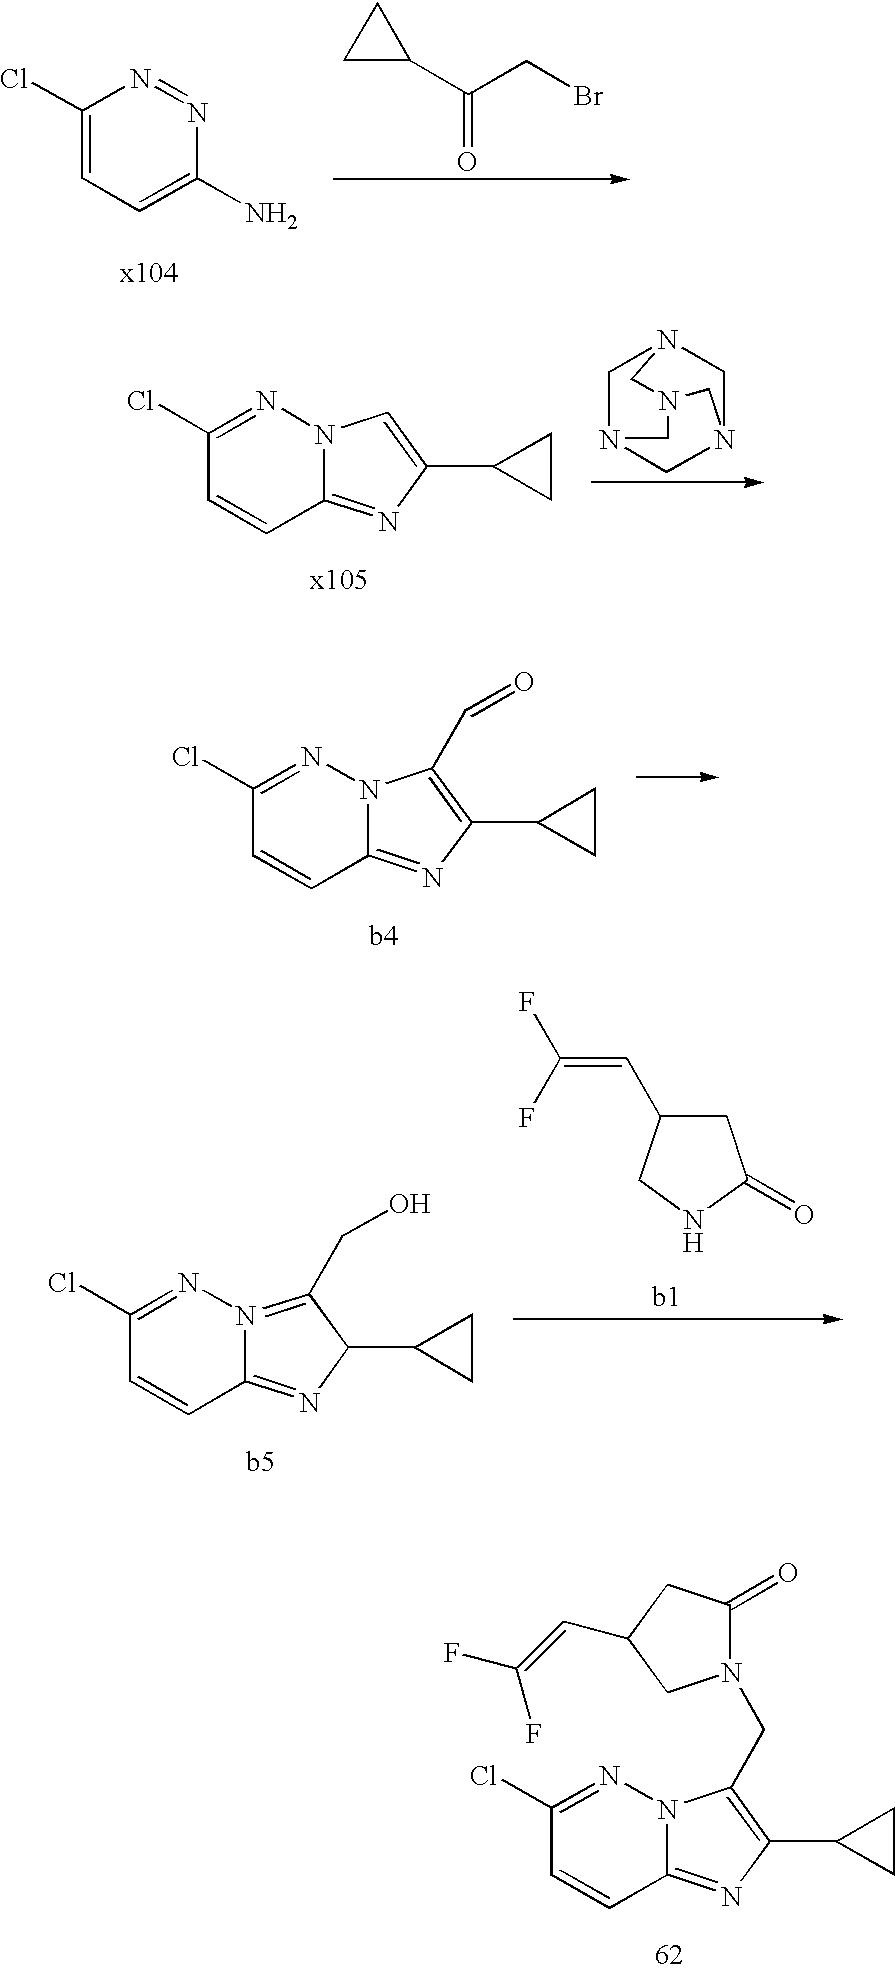 Figure US08183241-20120522-C00065